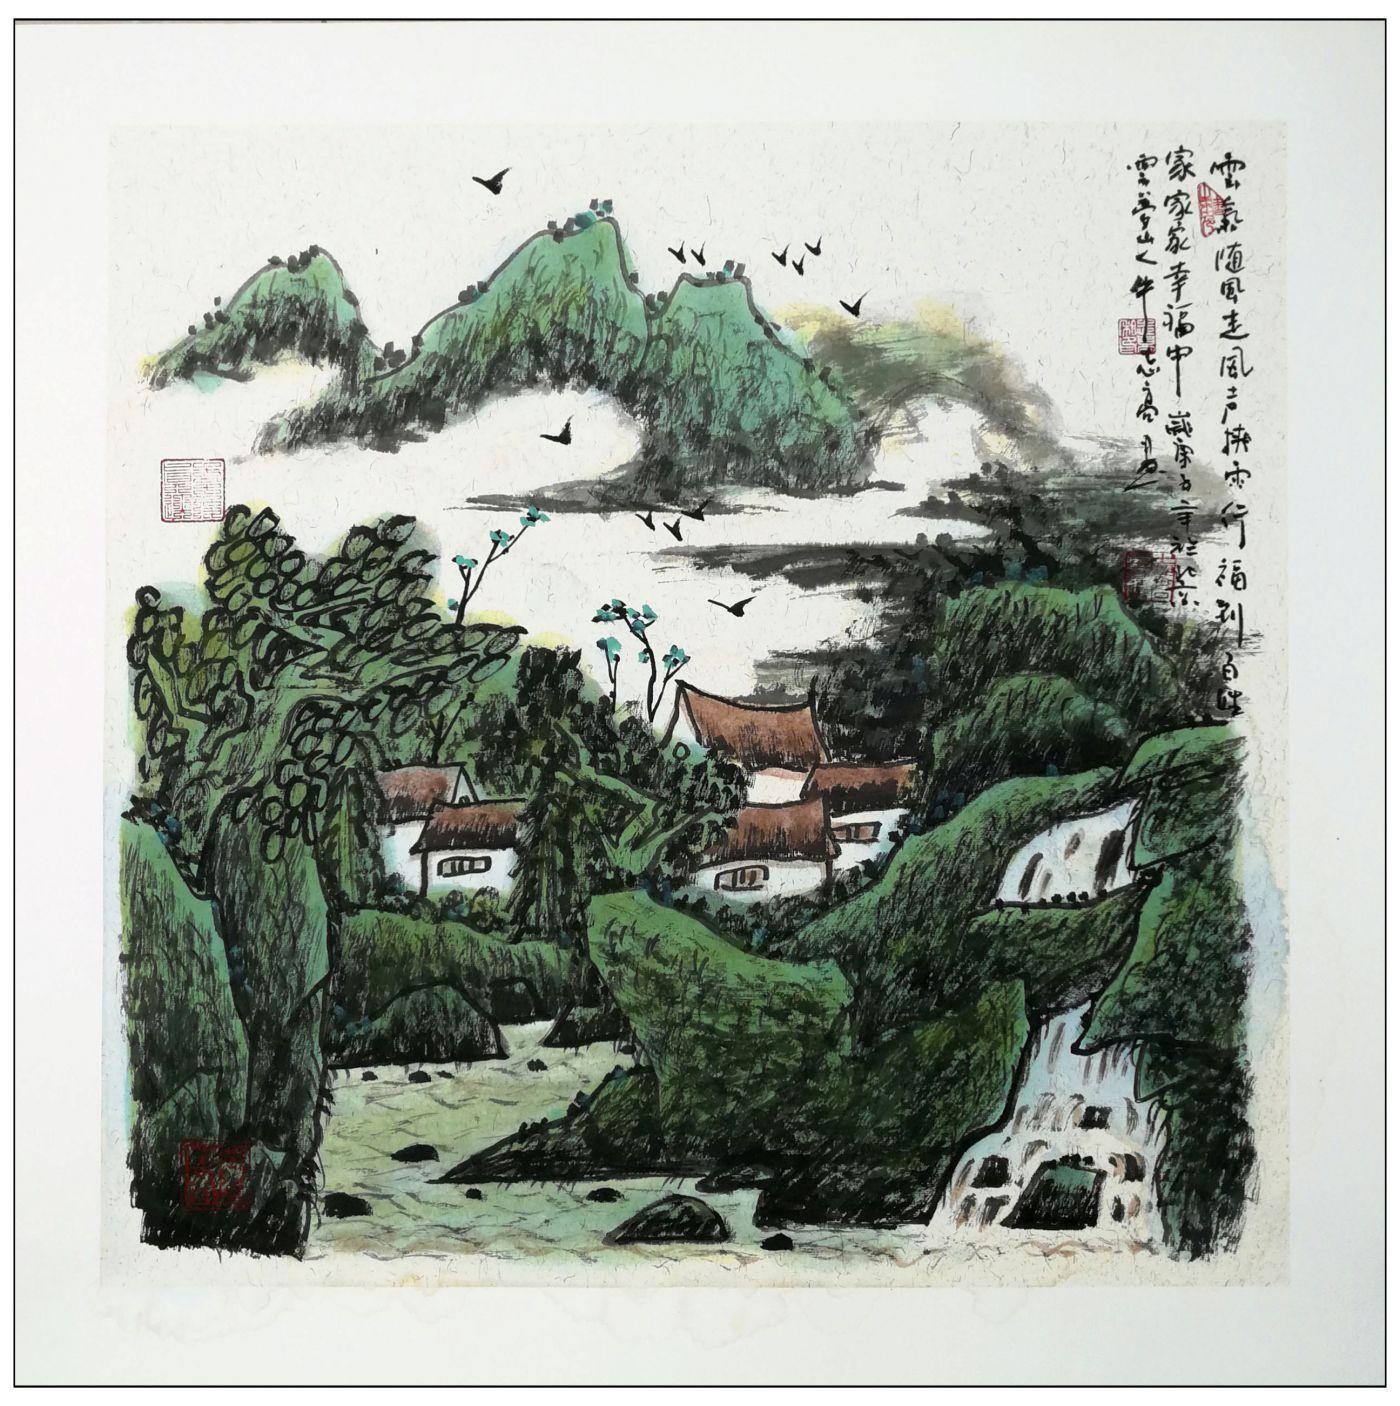 牛志高2020山水画新作-----2020.07.05_图1-12